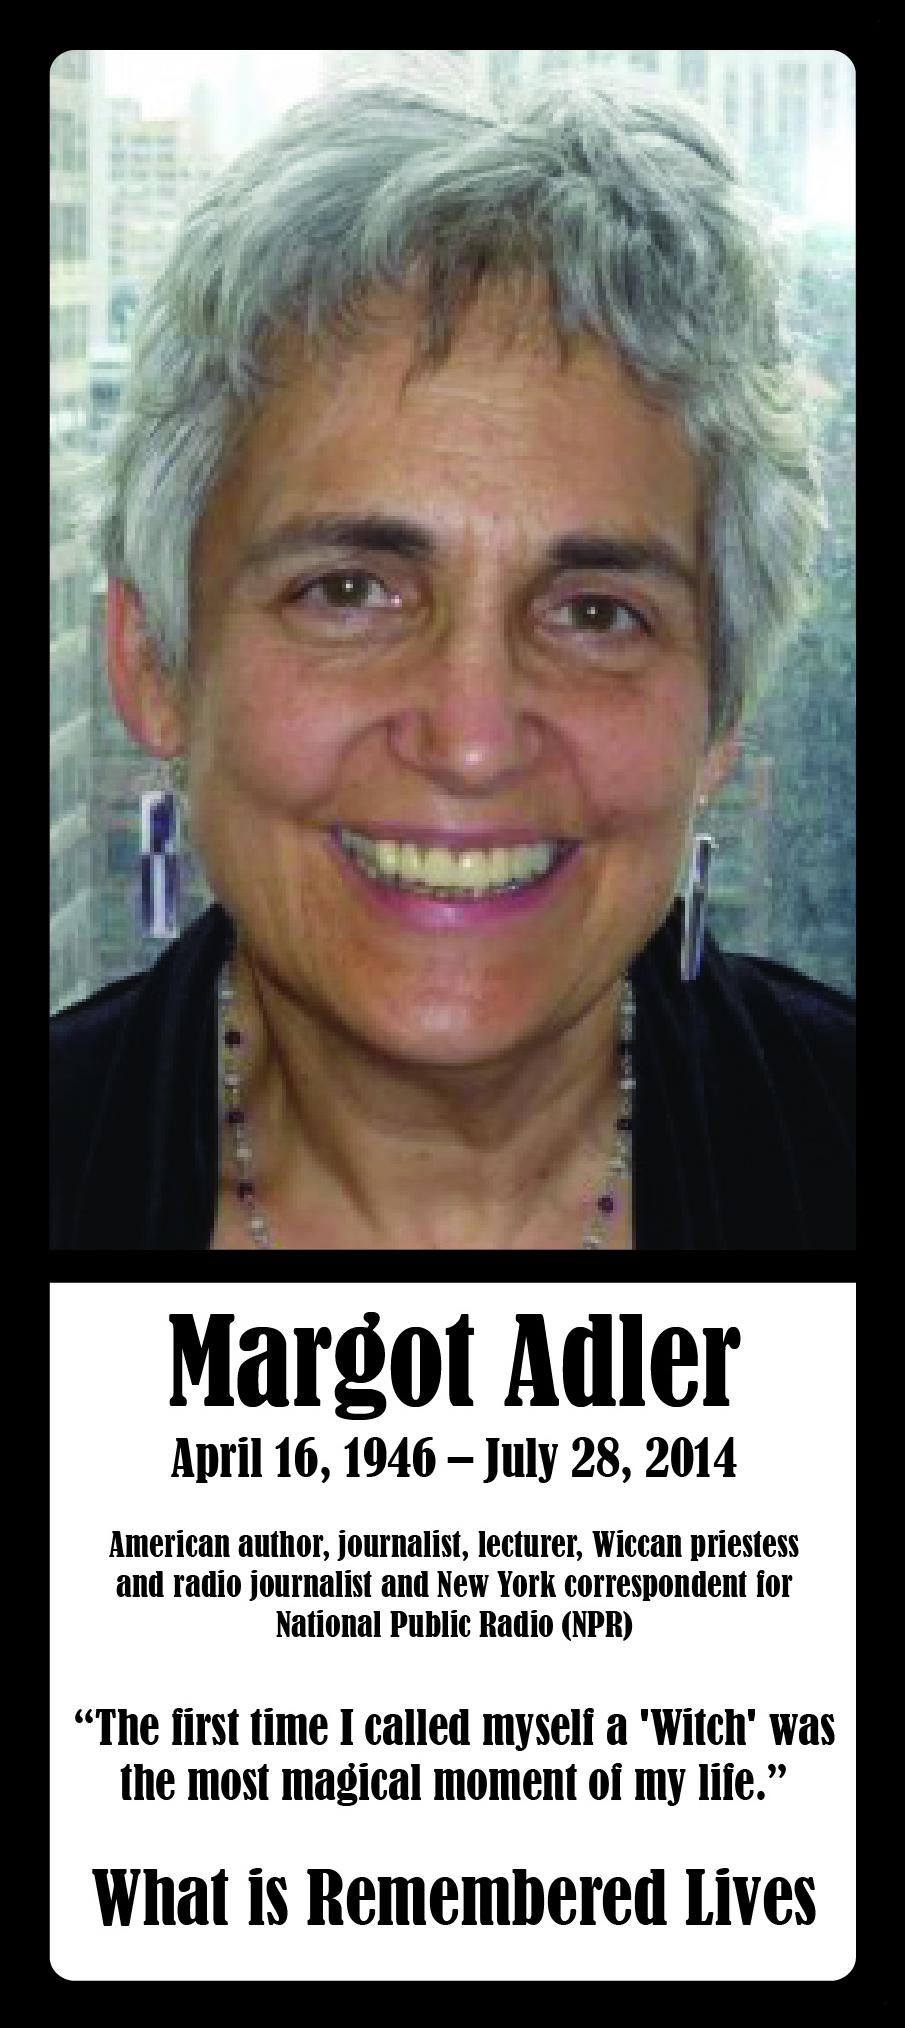 margot adler.jpg